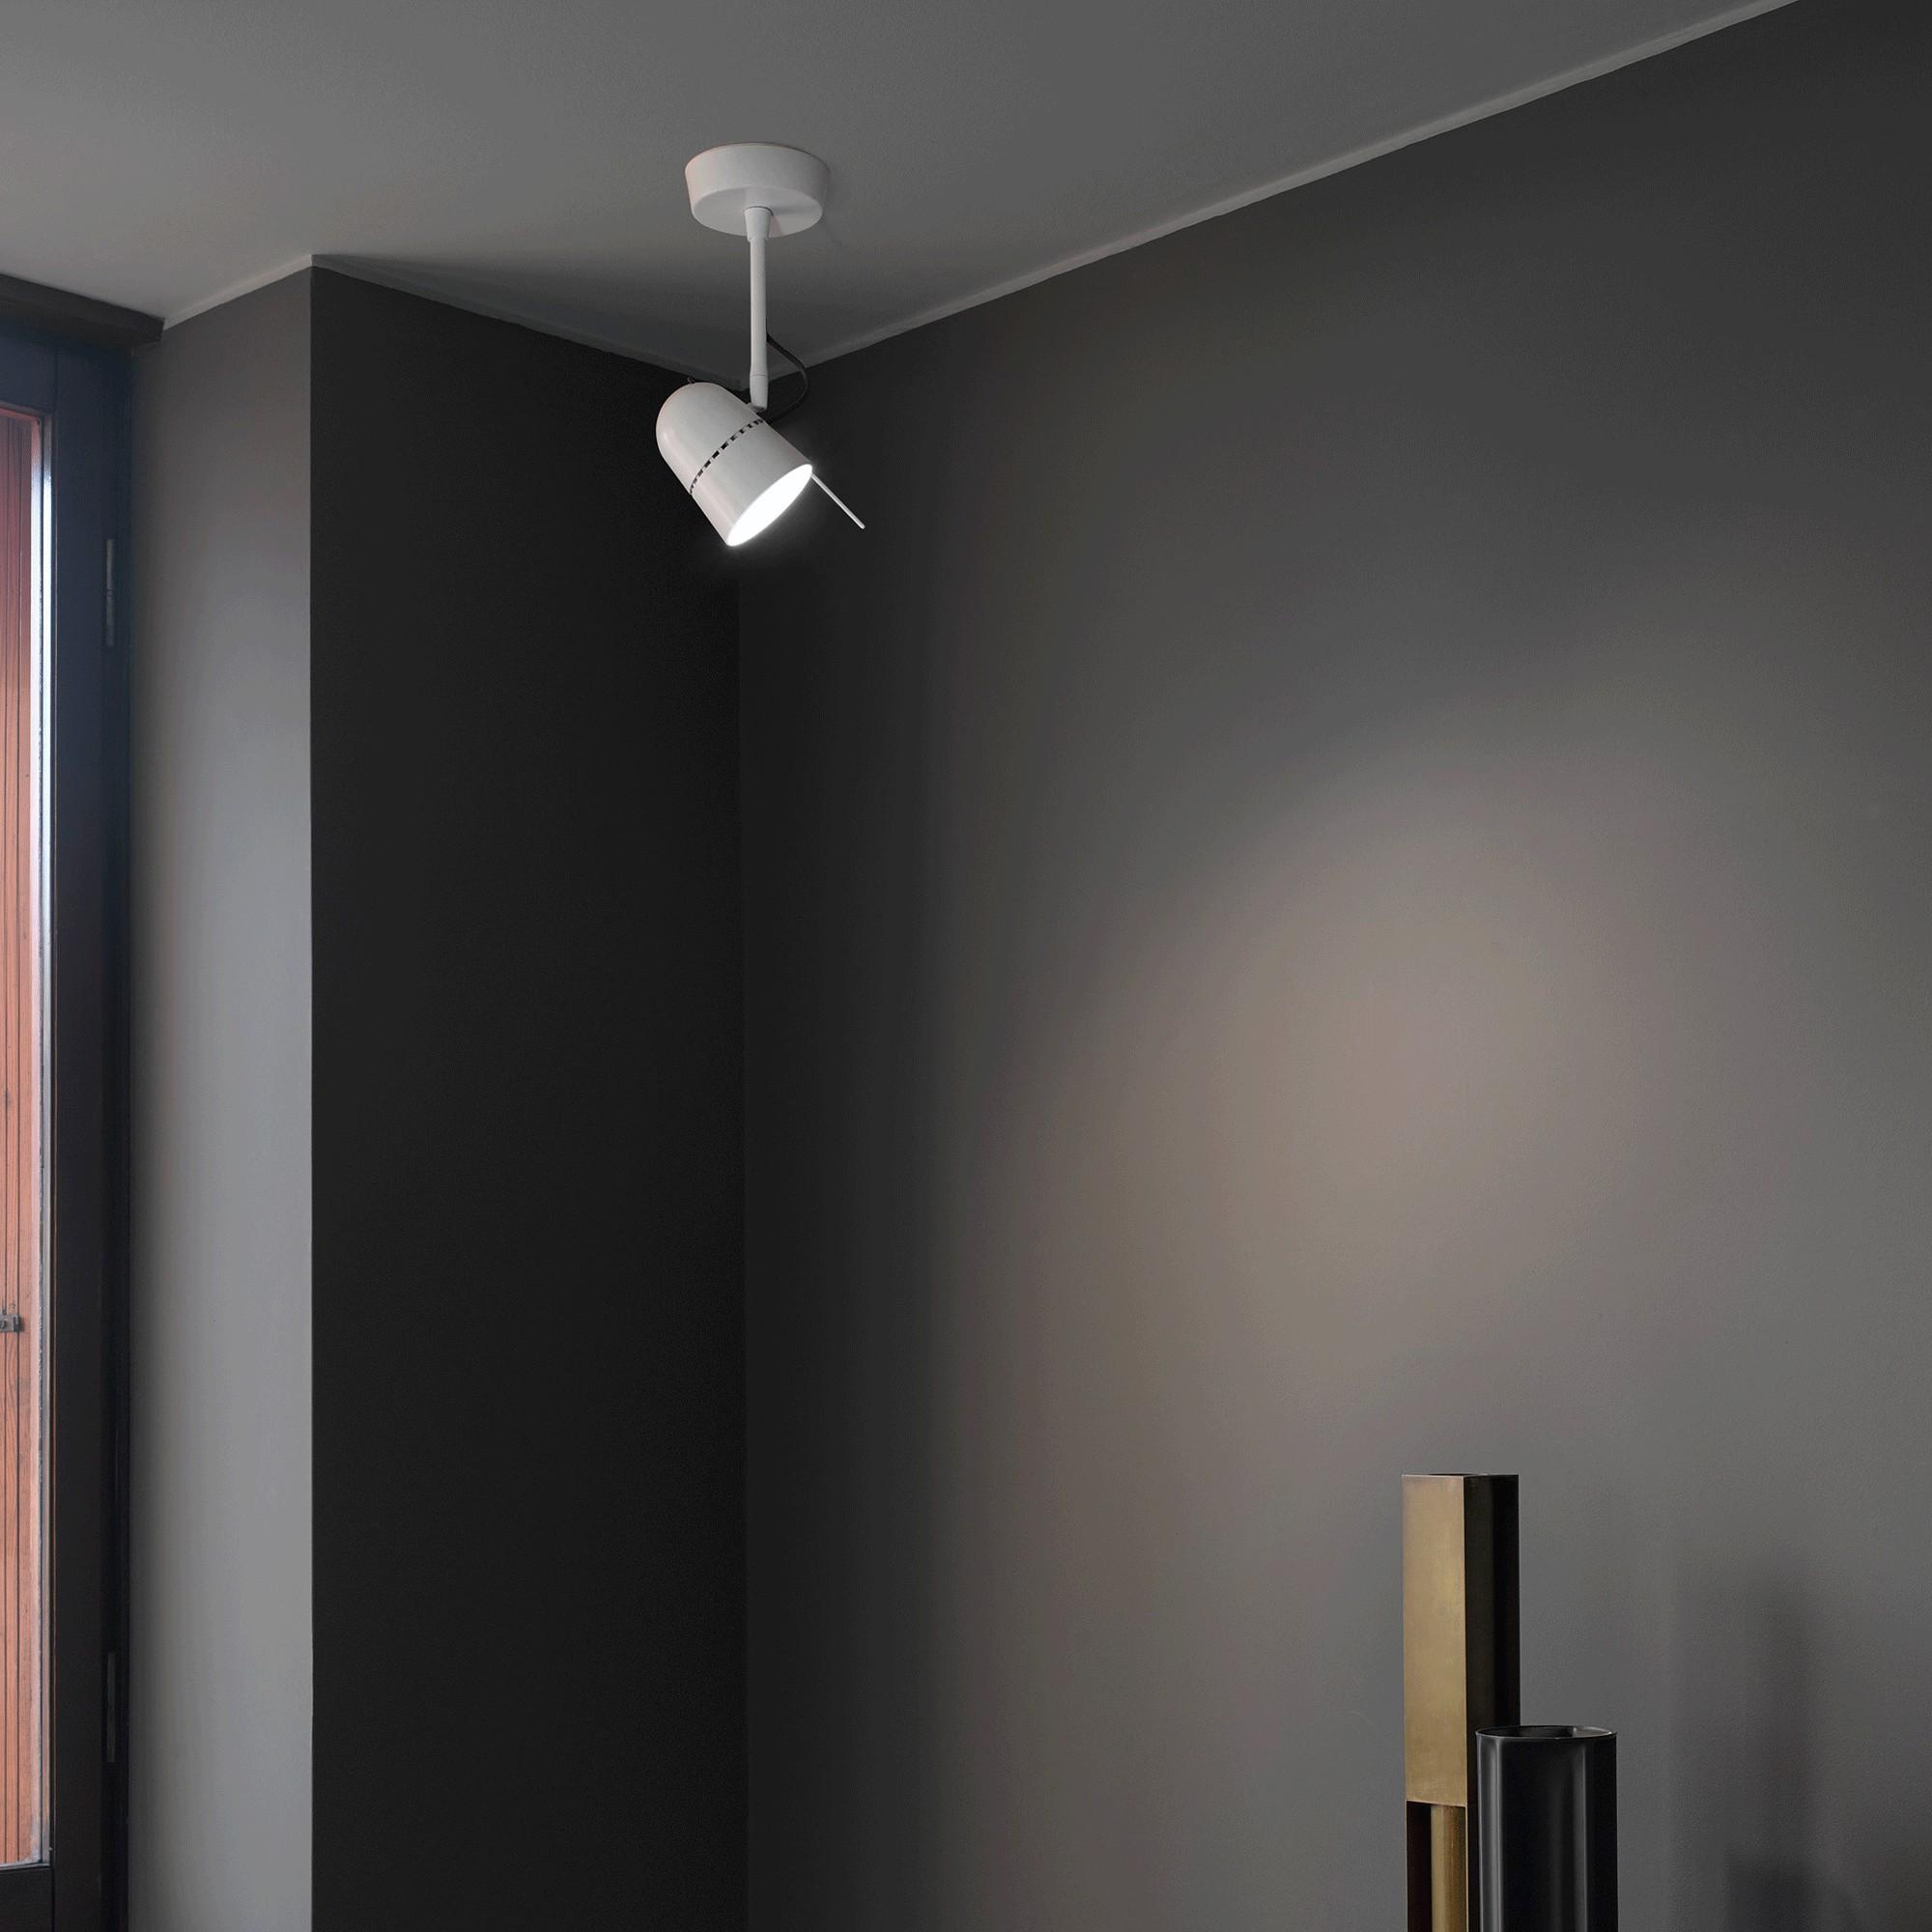 Full Size of Luceplan Counterbalance Spot D73a Led Wand Deckenleuchte Klapptisch Küche Garten Wohnzimmer Wand:ylp2gzuwkdi= Klapptisch